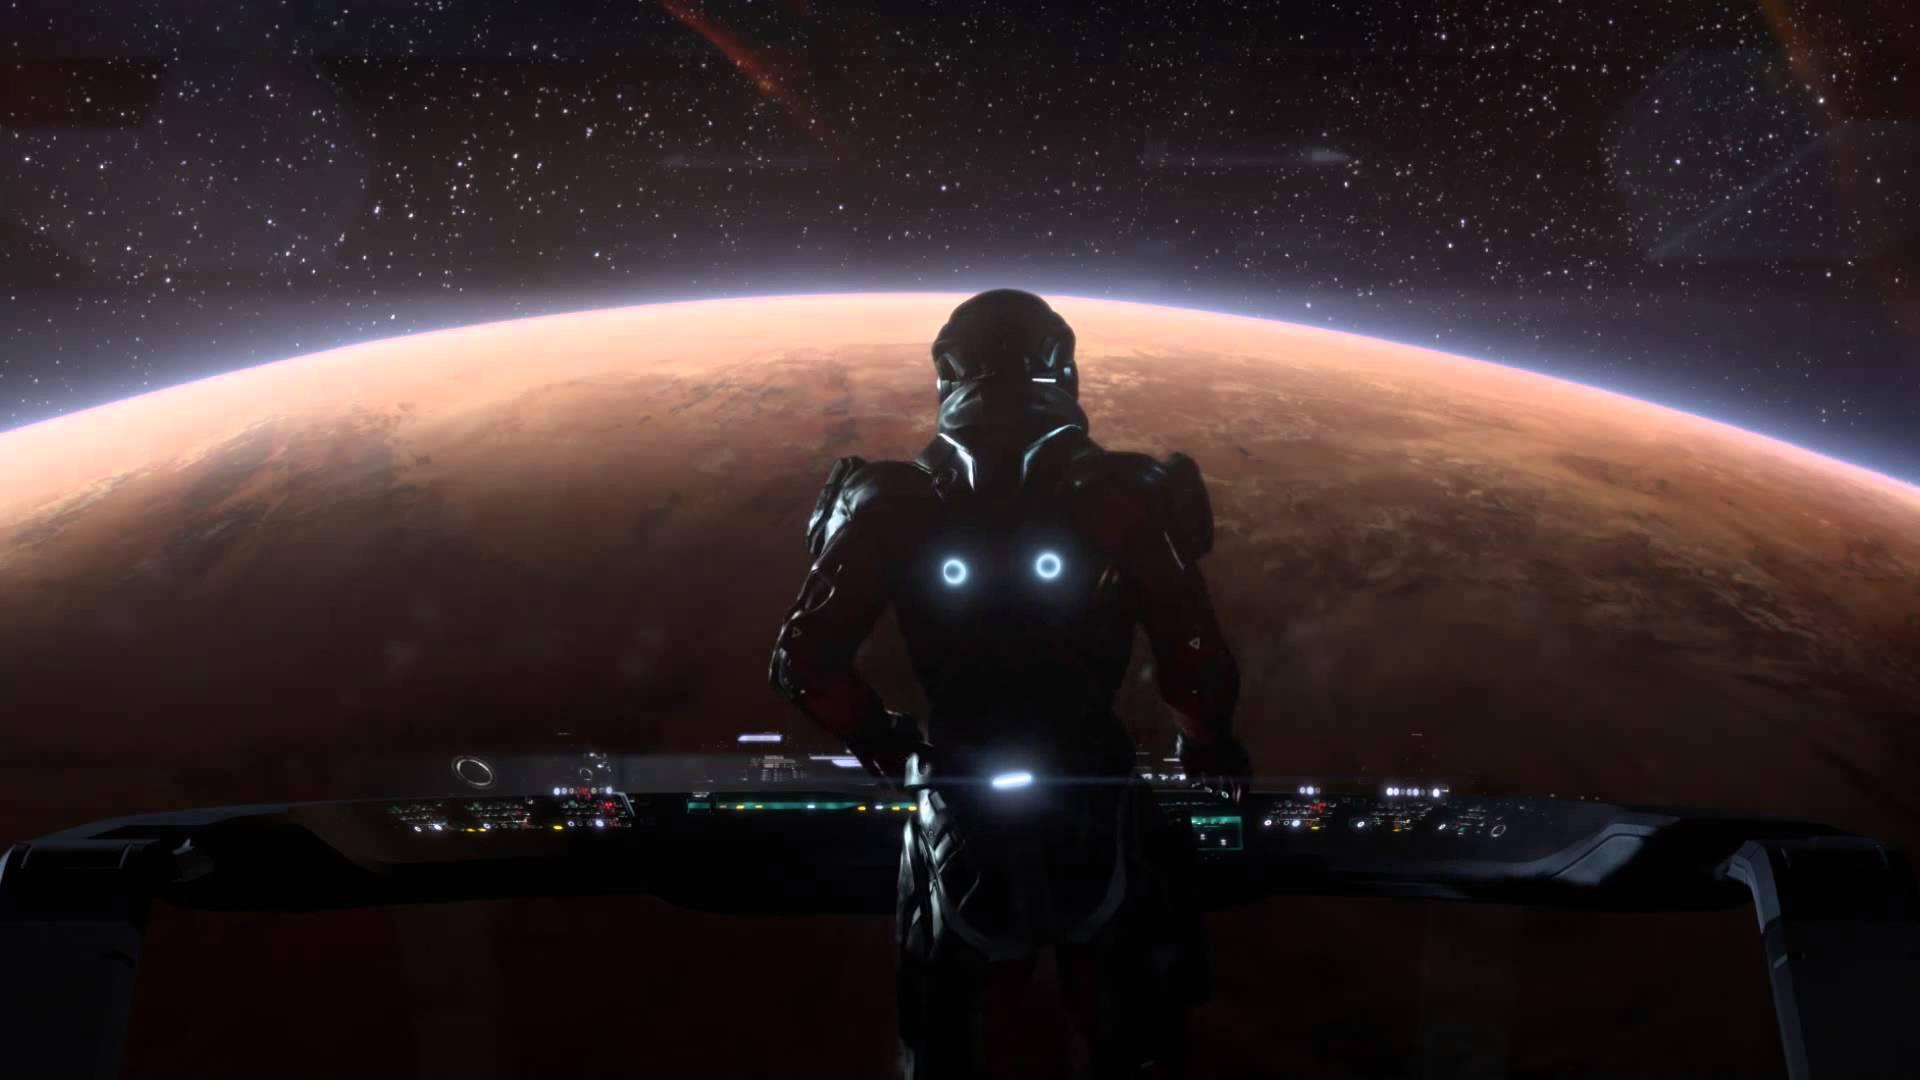 Mass Effect Andromeda 1920x1080: Mass Effect Andromeda Será Lançado No Começo De 2017